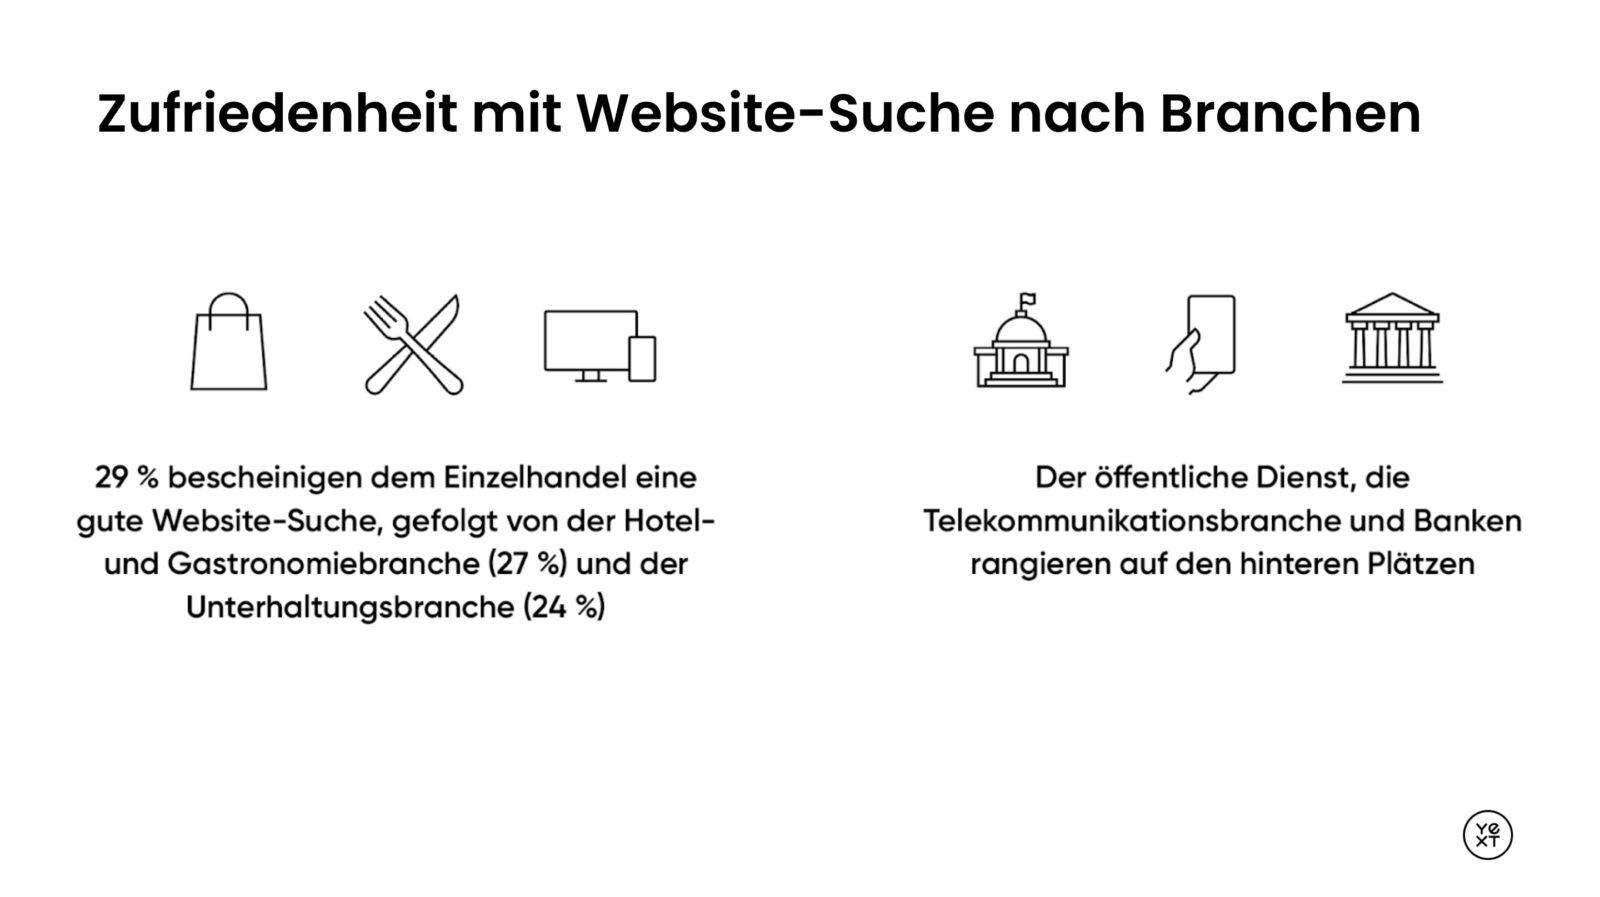 Suchfunktion: Veraltete Website-Suche enttäuscht Kunden [Studie]